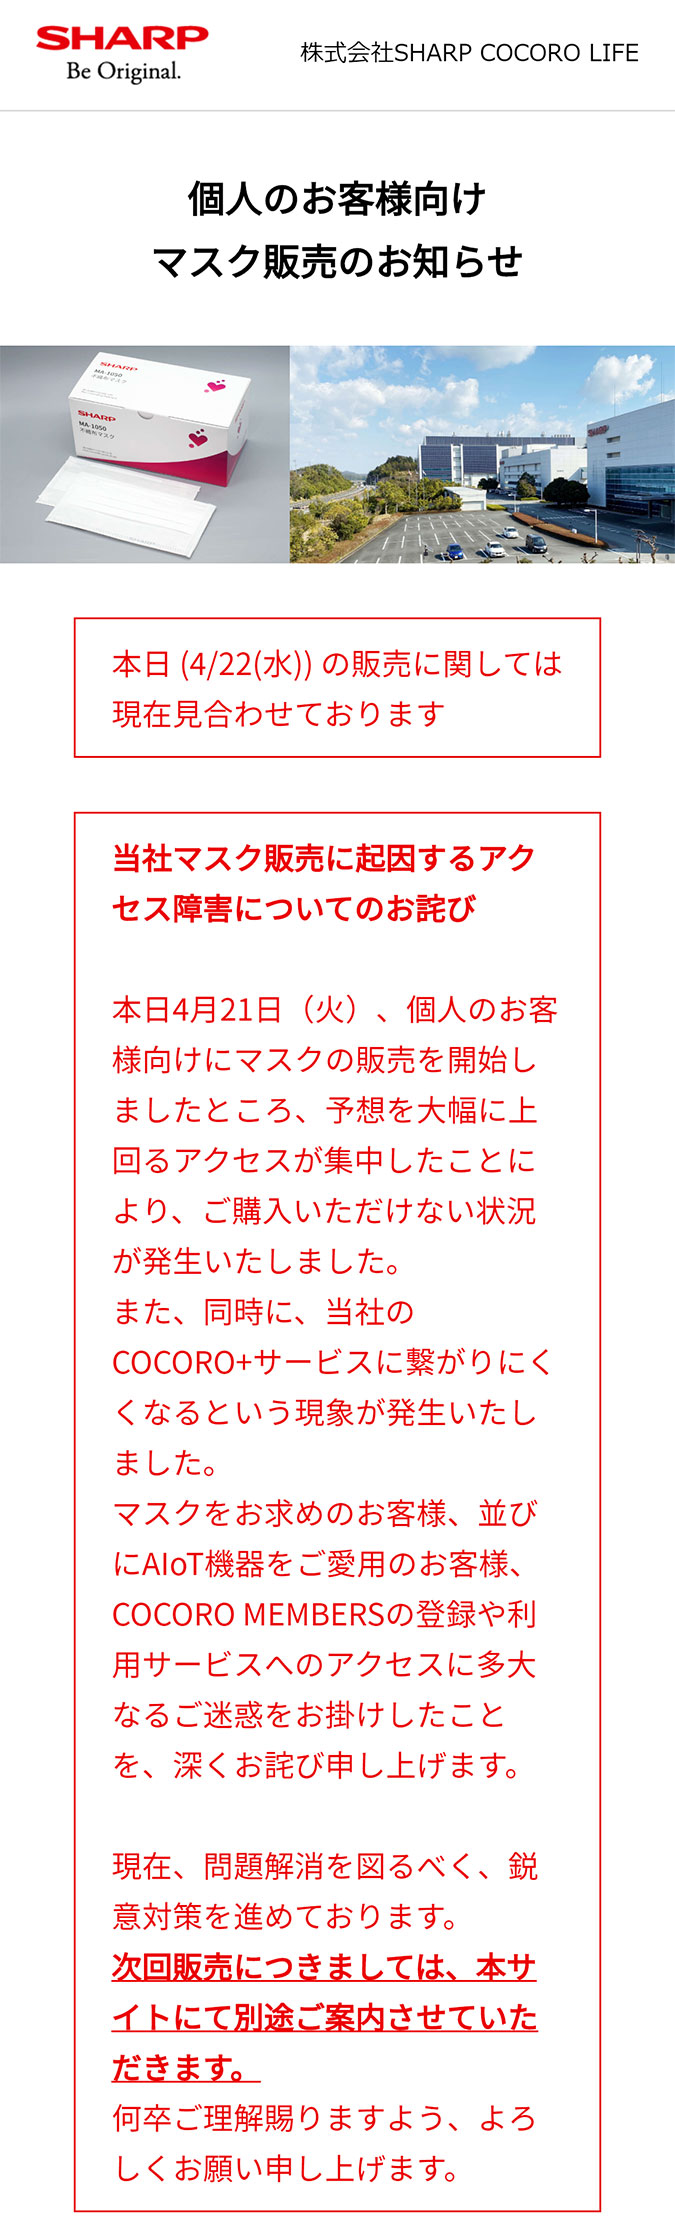 シャープのマスク販売ページ